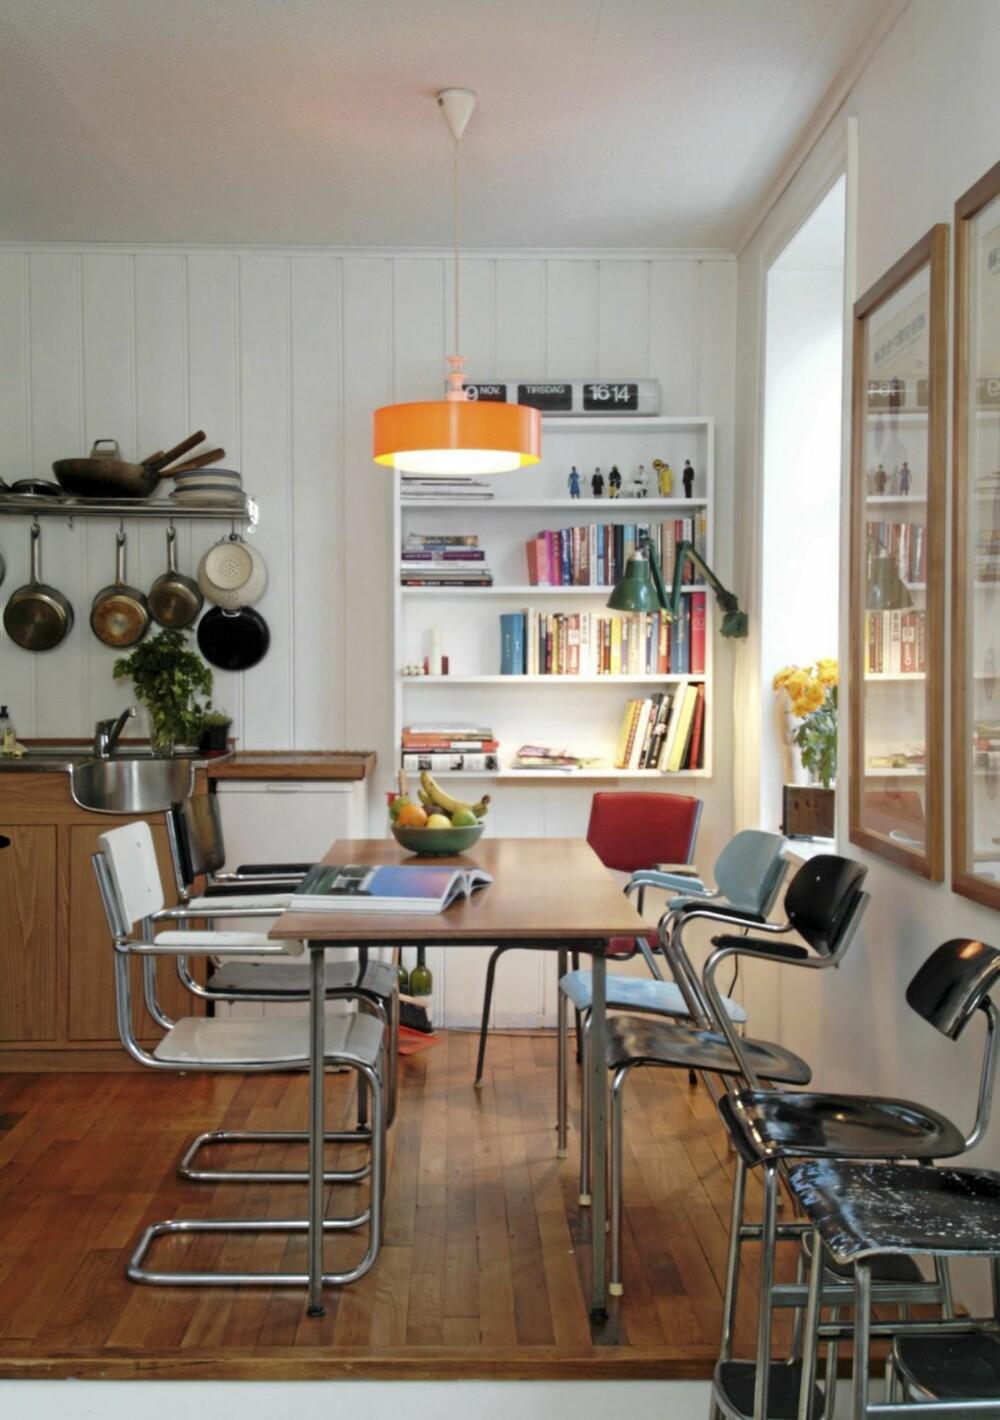 INDUSTRI I  INTERIØR: Interiøret i leiligheten er en uhøytidelig miks av gamle bruktmøbler, og mange av dem er i en utpreget Bauhaus industri og kontoraktig stil.